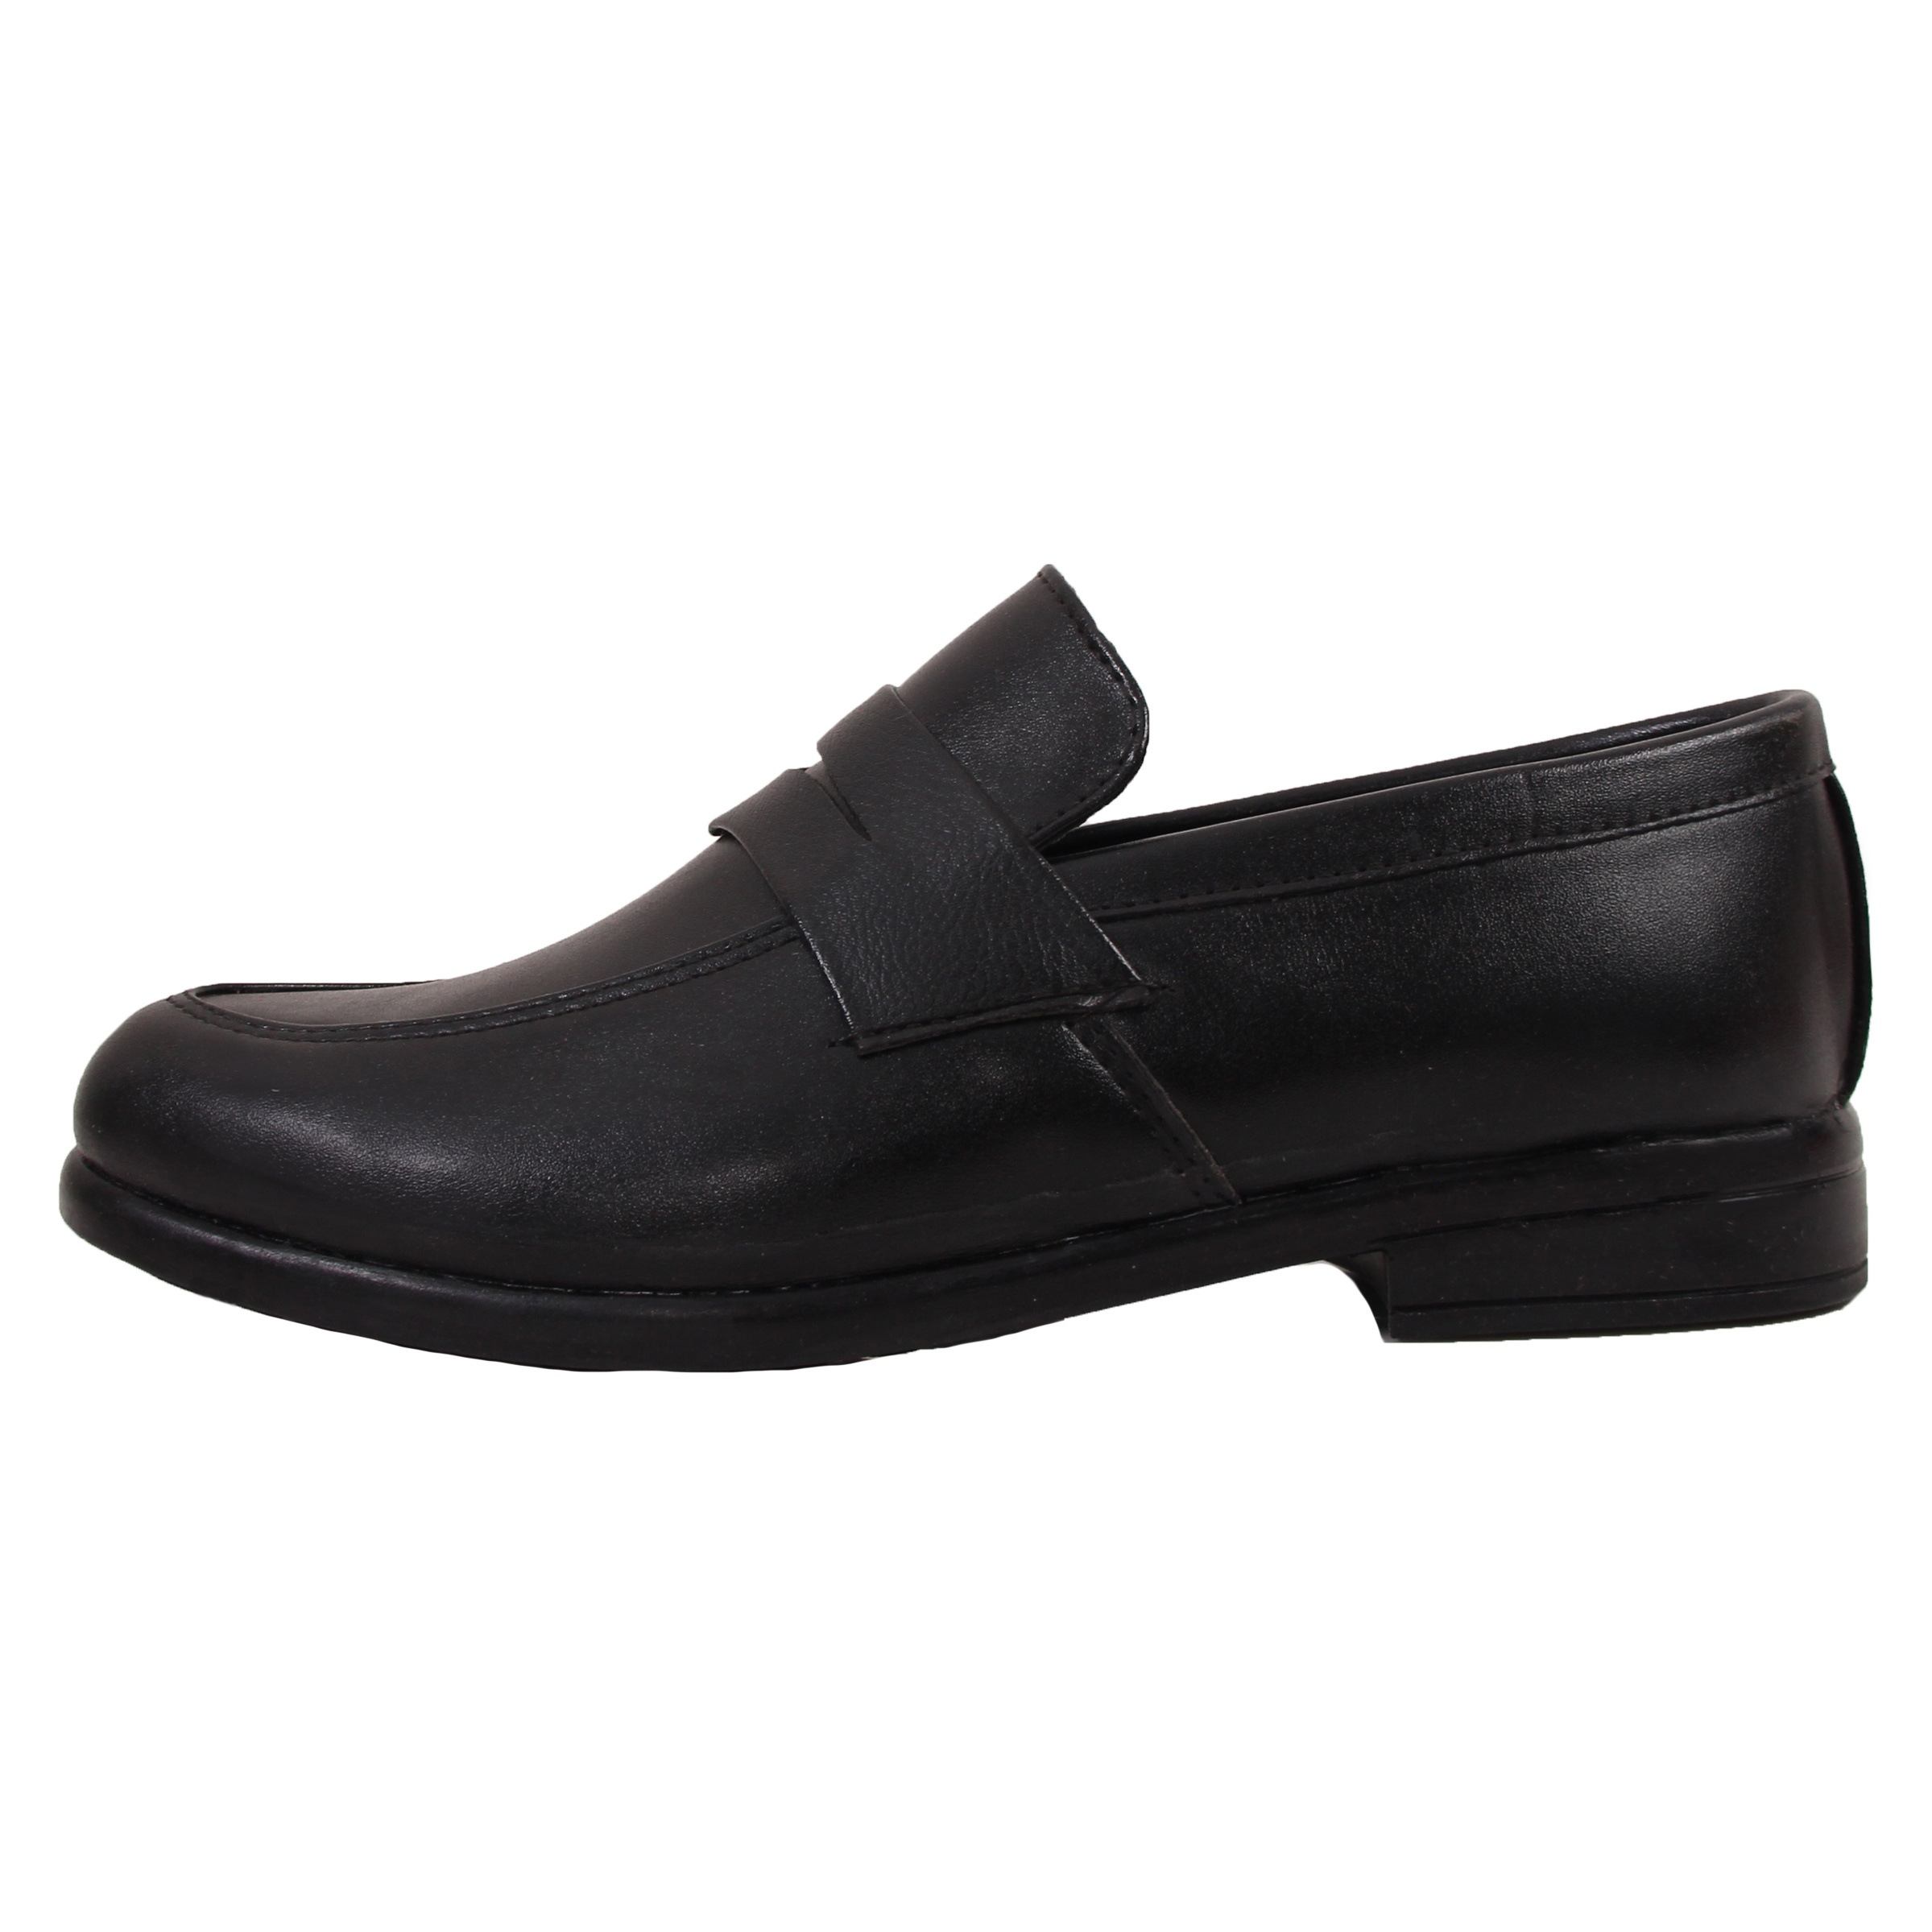 کفش رسمی مردانه کد 154871